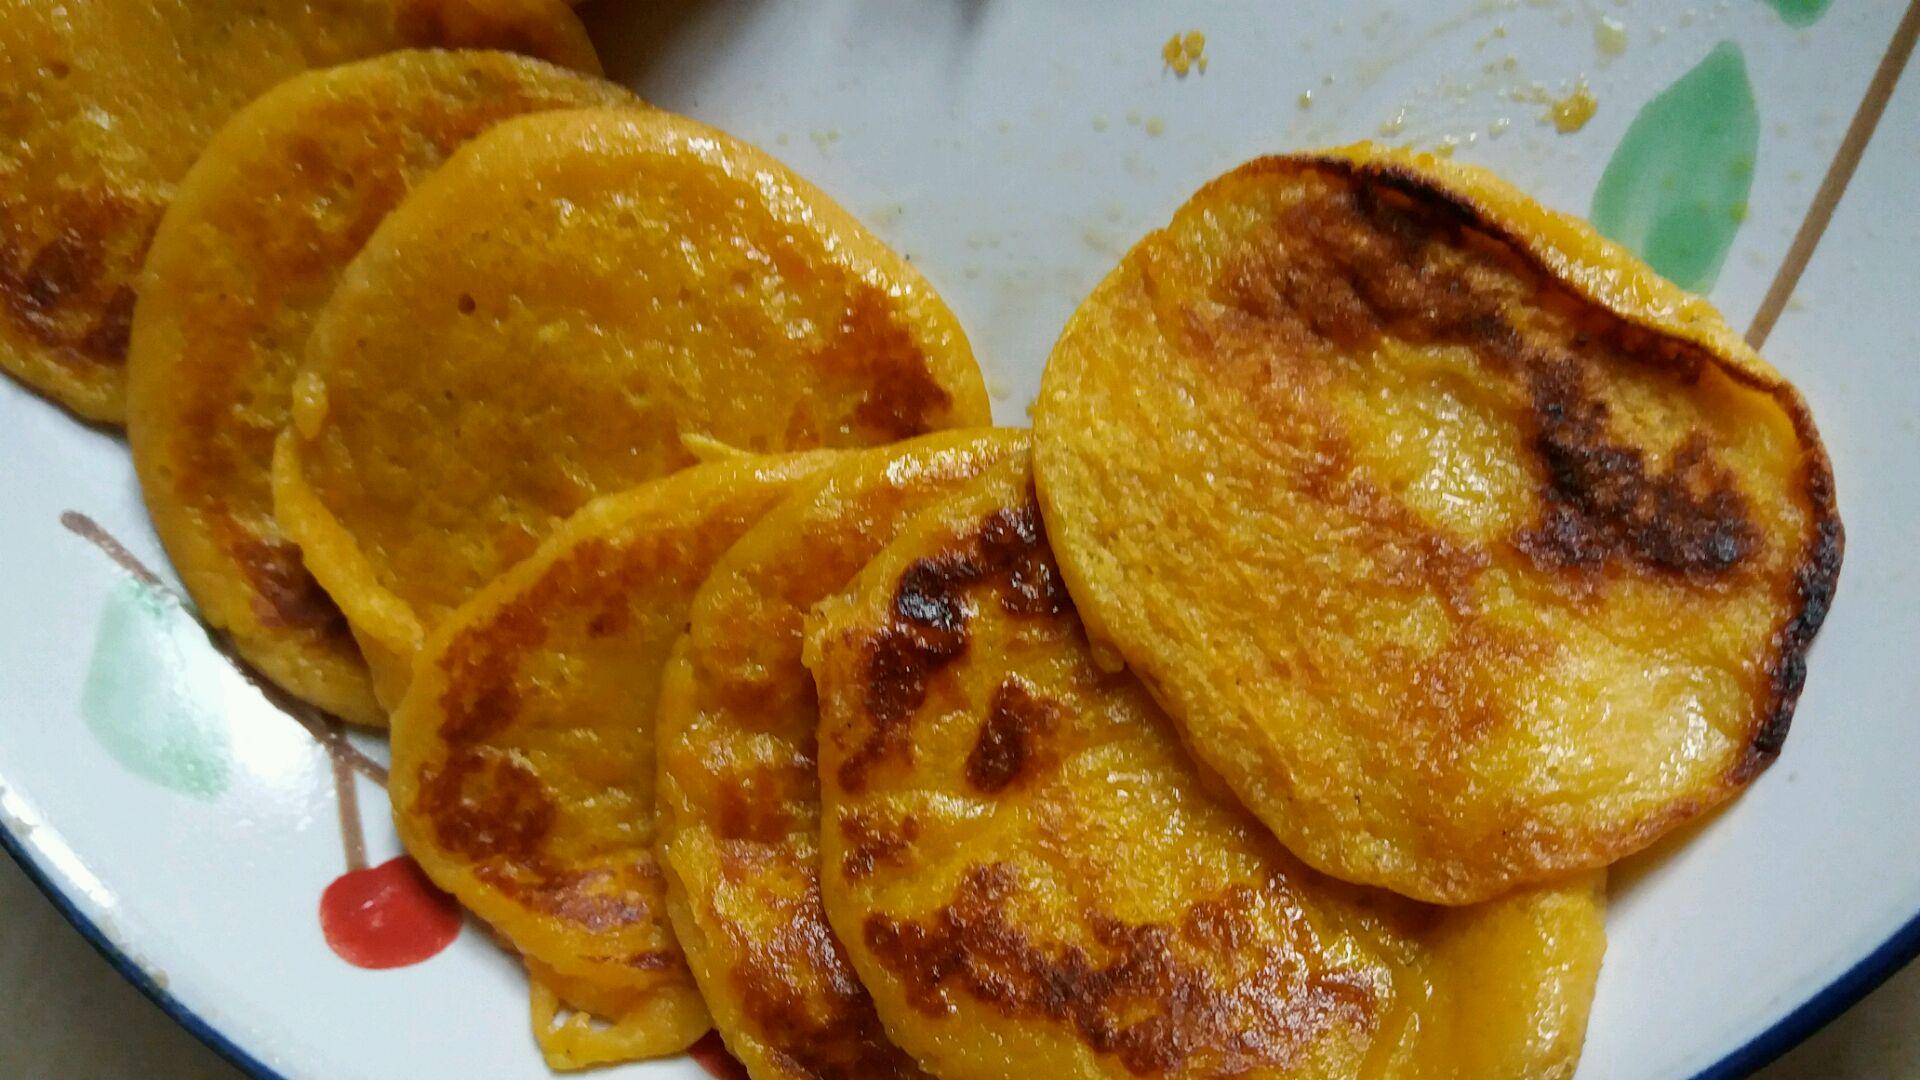 红萝卜鸡蛋蜂蜜饼的做法图解4